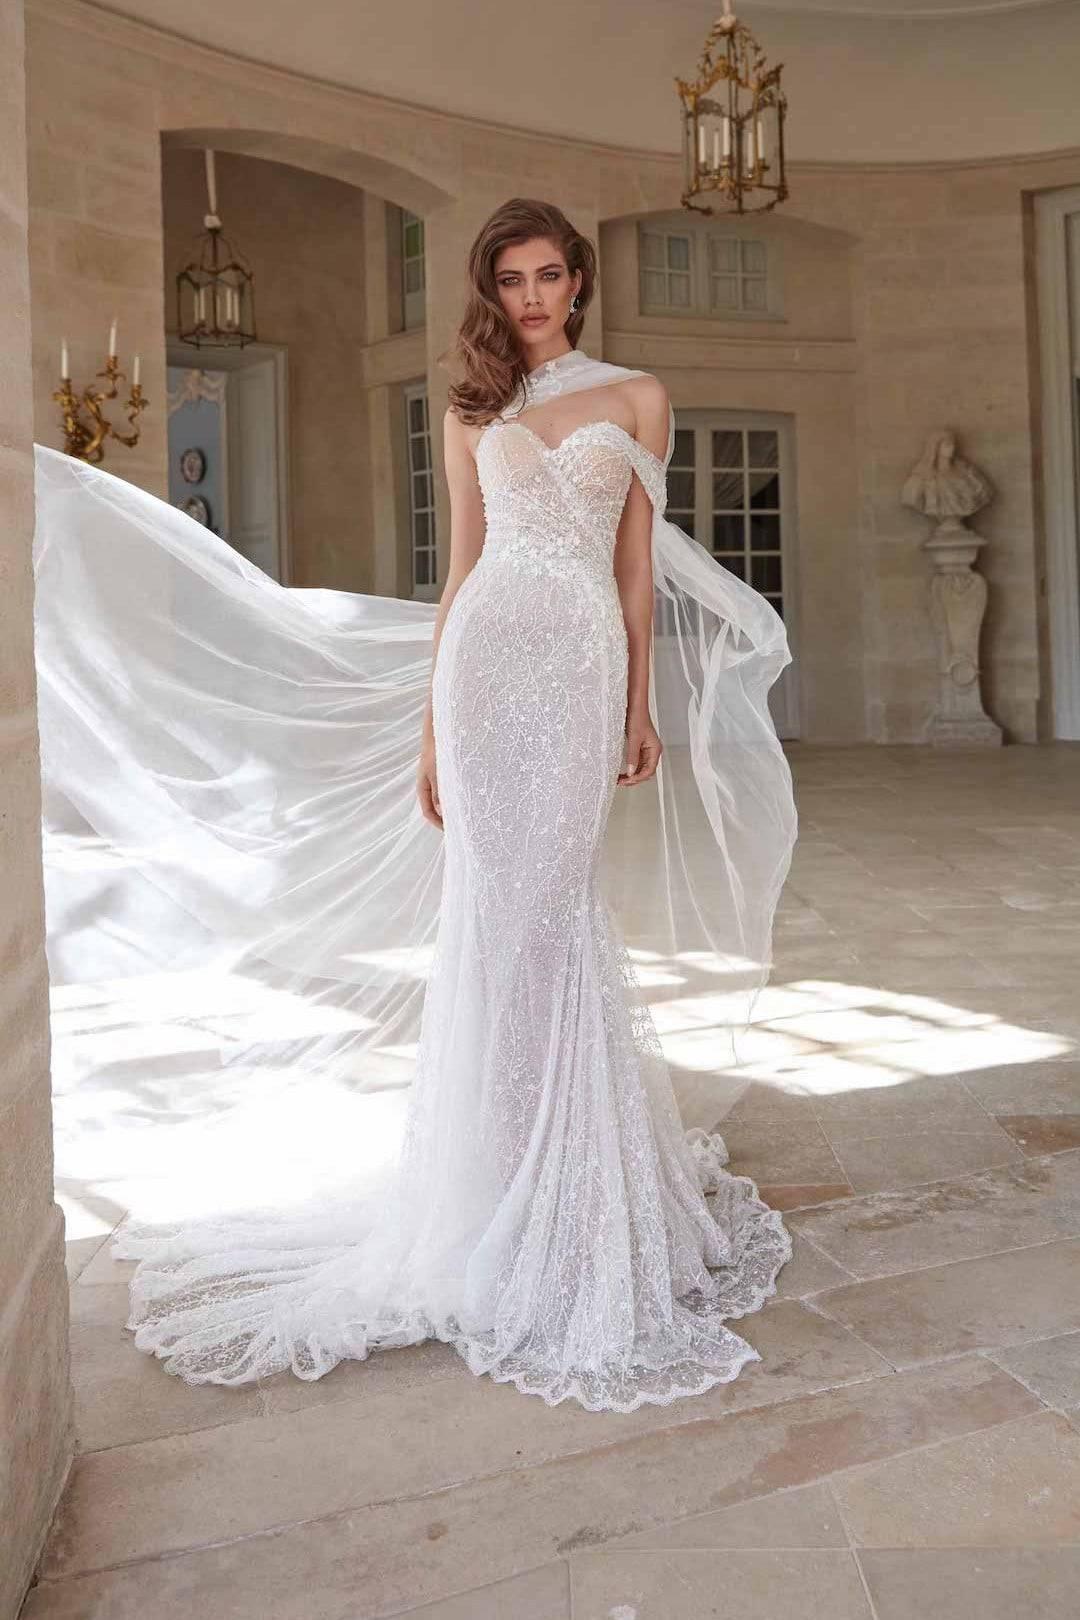 Exkluzivne svadobne saty - Simone-Front-1-1080x1620